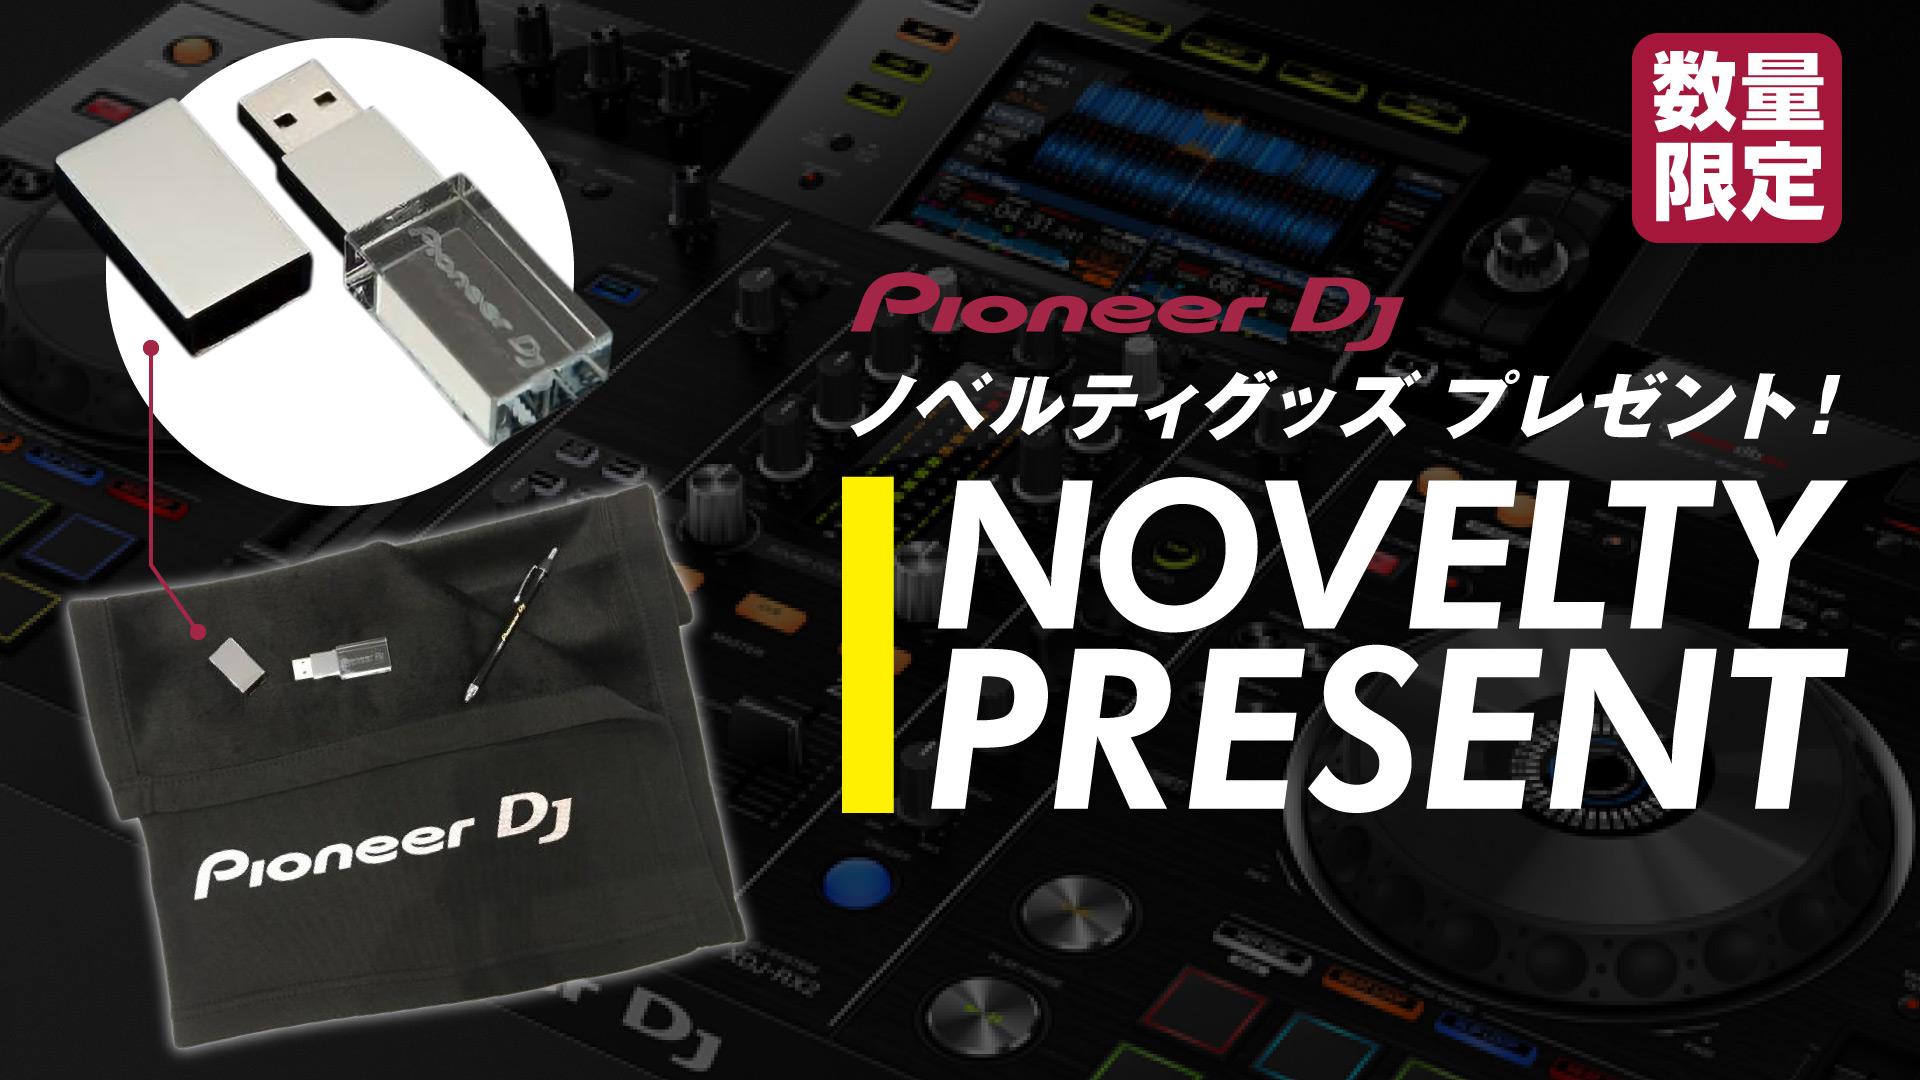 【数量限定!Pioneer DJ ノベルティグッズ・プレゼント!】